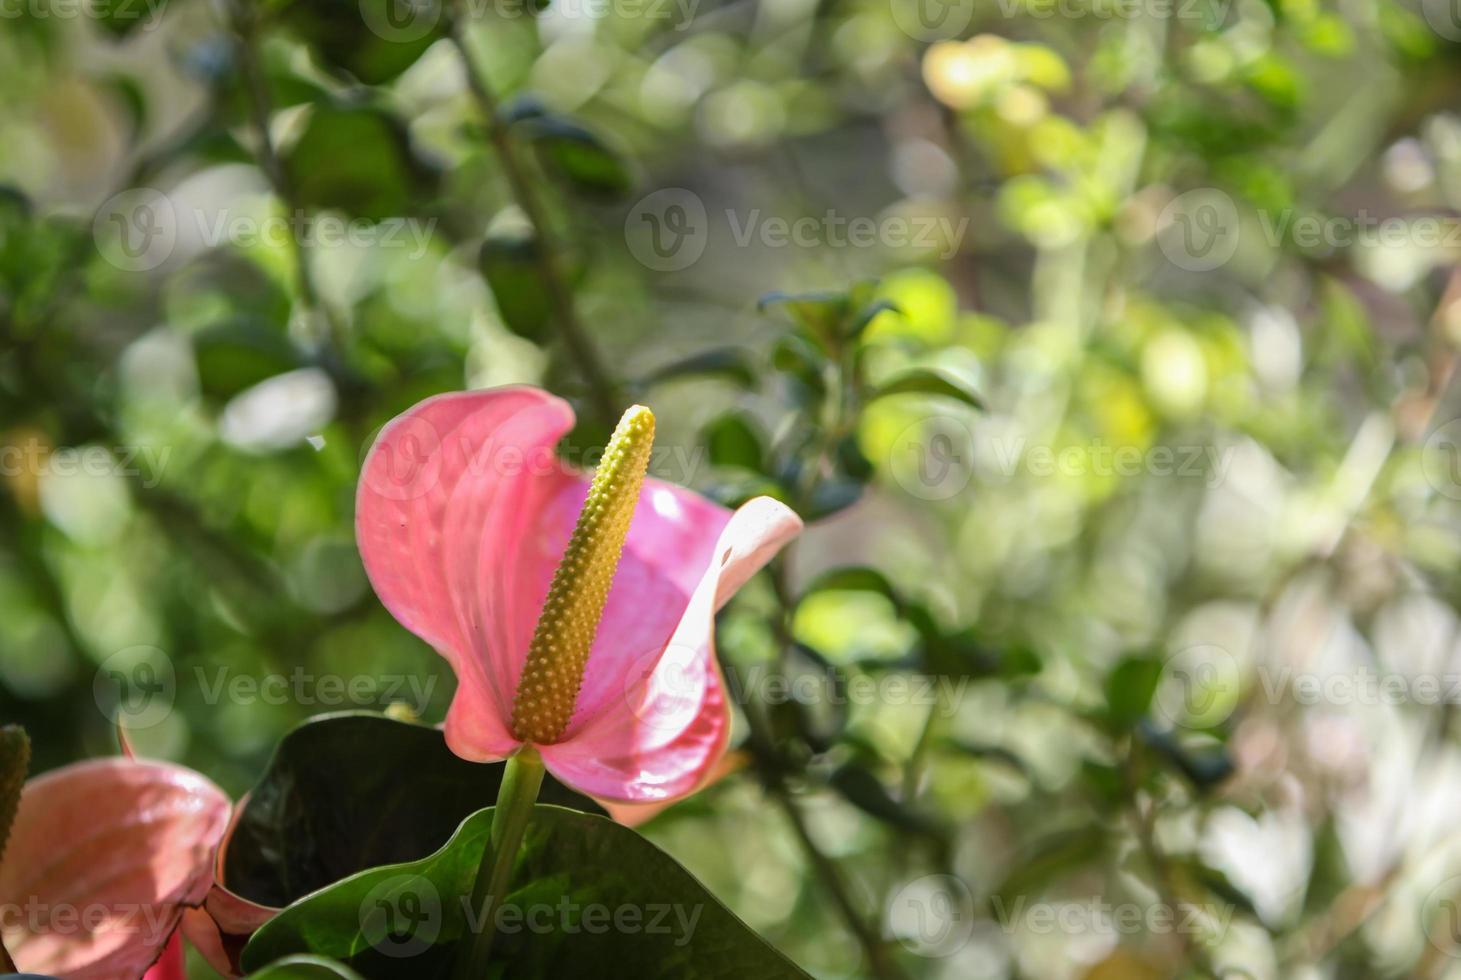 fiore di anthurium rosa, chiamato anche giglio fenicottero foto